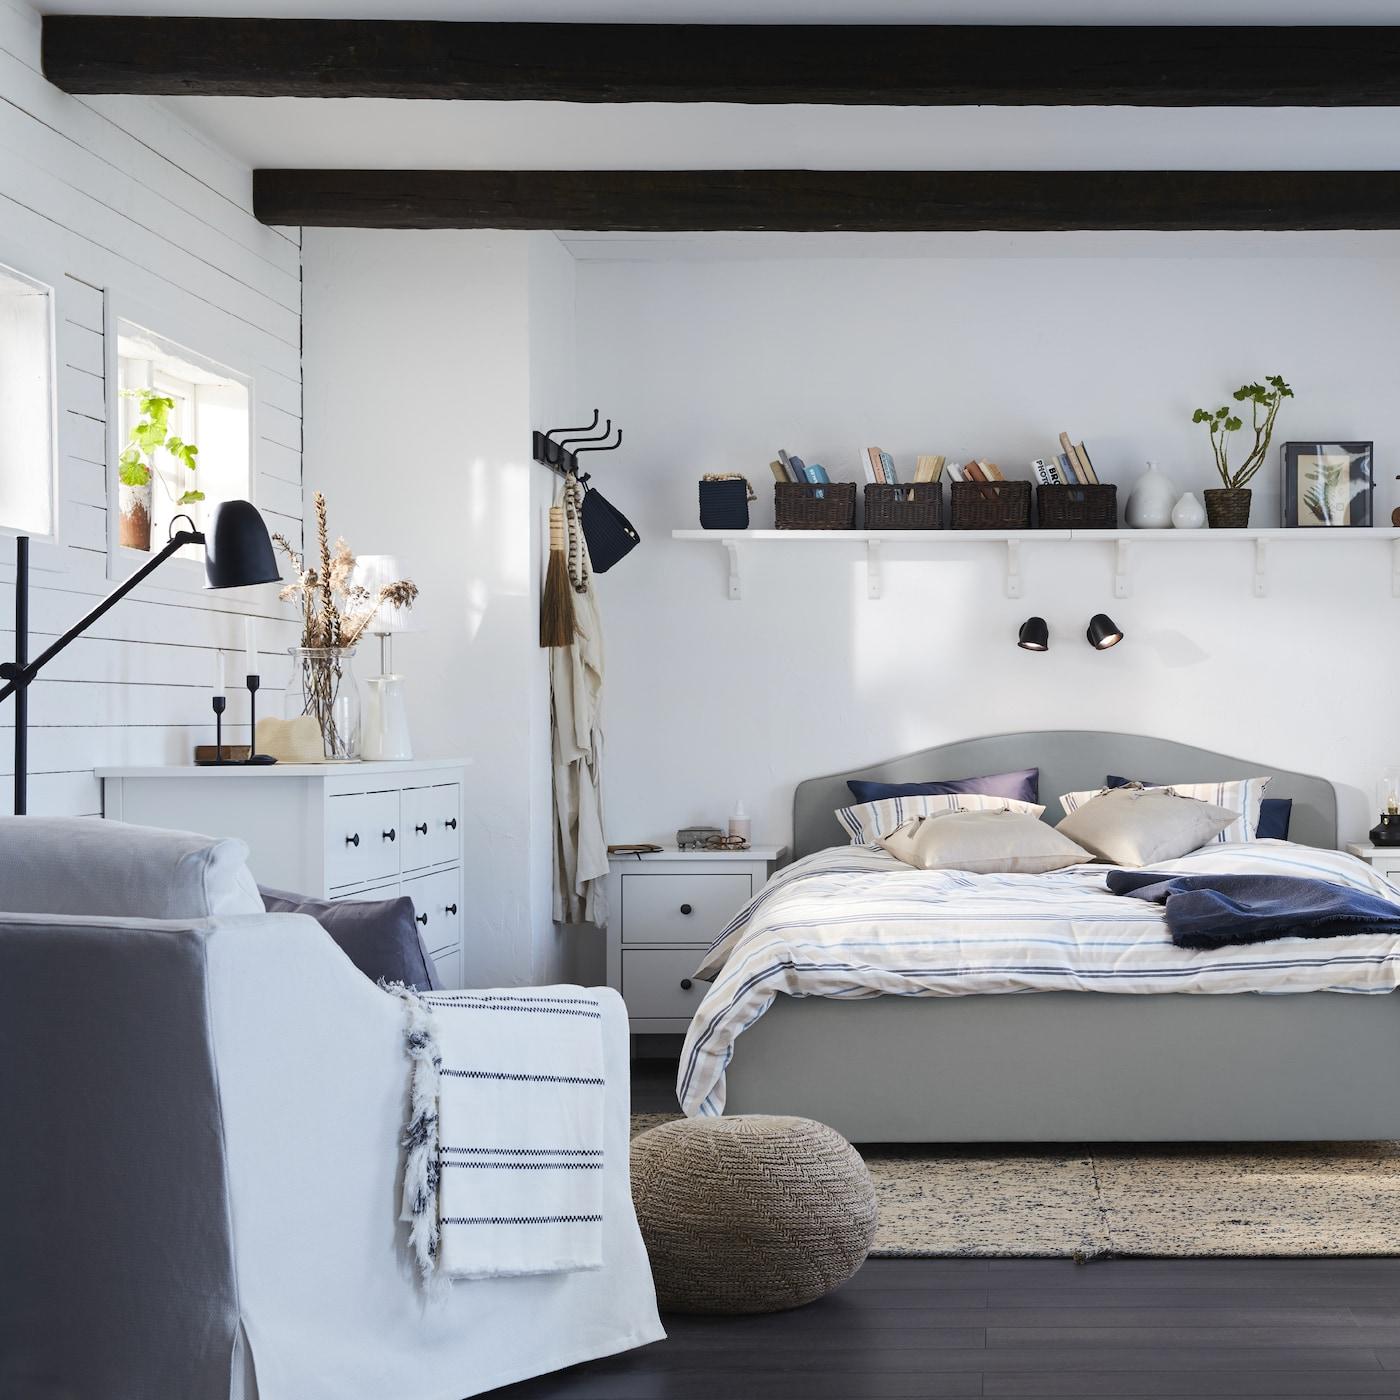 Hálószoba, hagyományos és összehangolt stílussal, bézs HAUGA ággyal, fehér fotellel és kék-zöld íróasztallal.